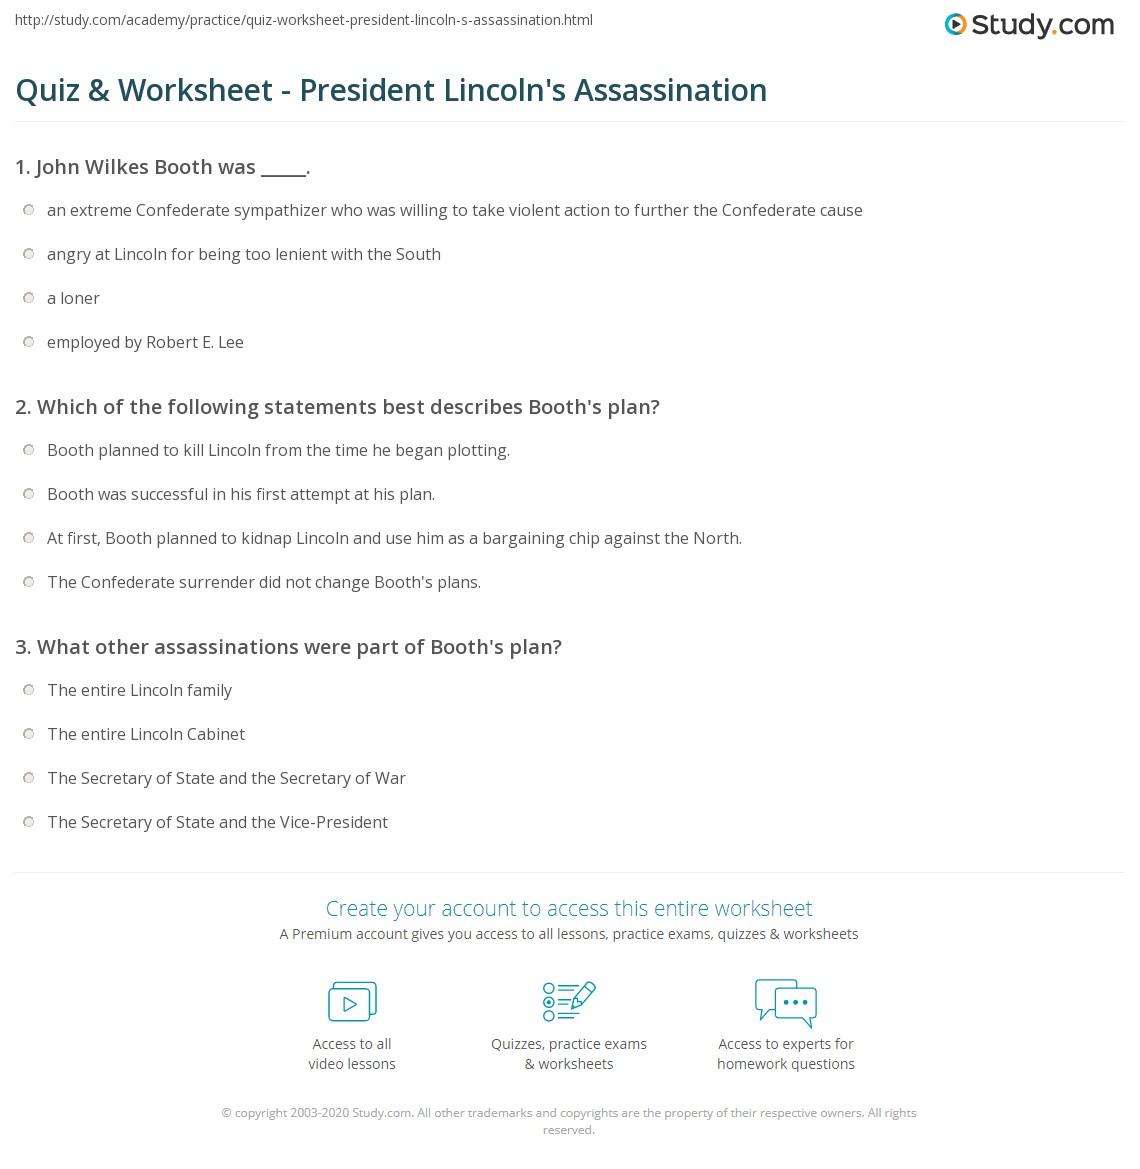 Worksheet President Lincoln